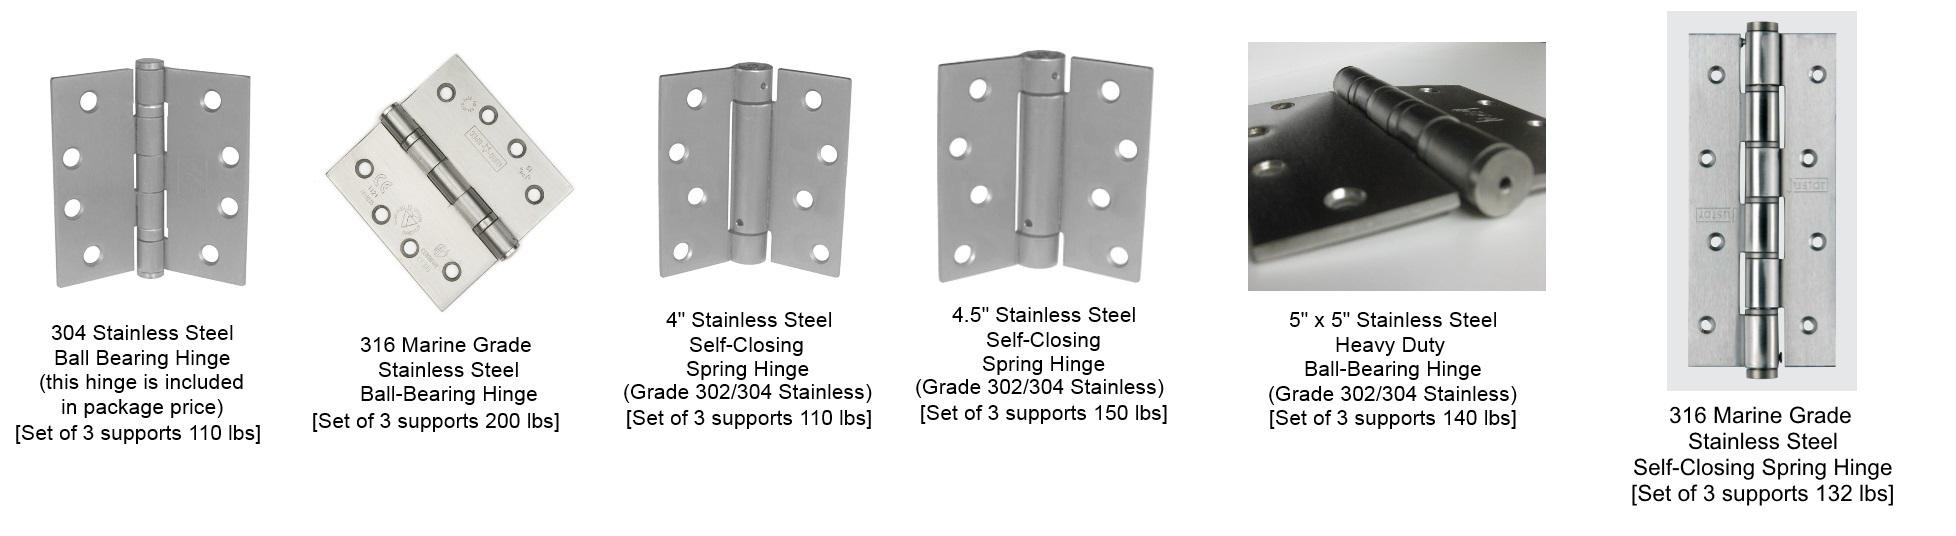 stainless-steel-hinge-options.jpg